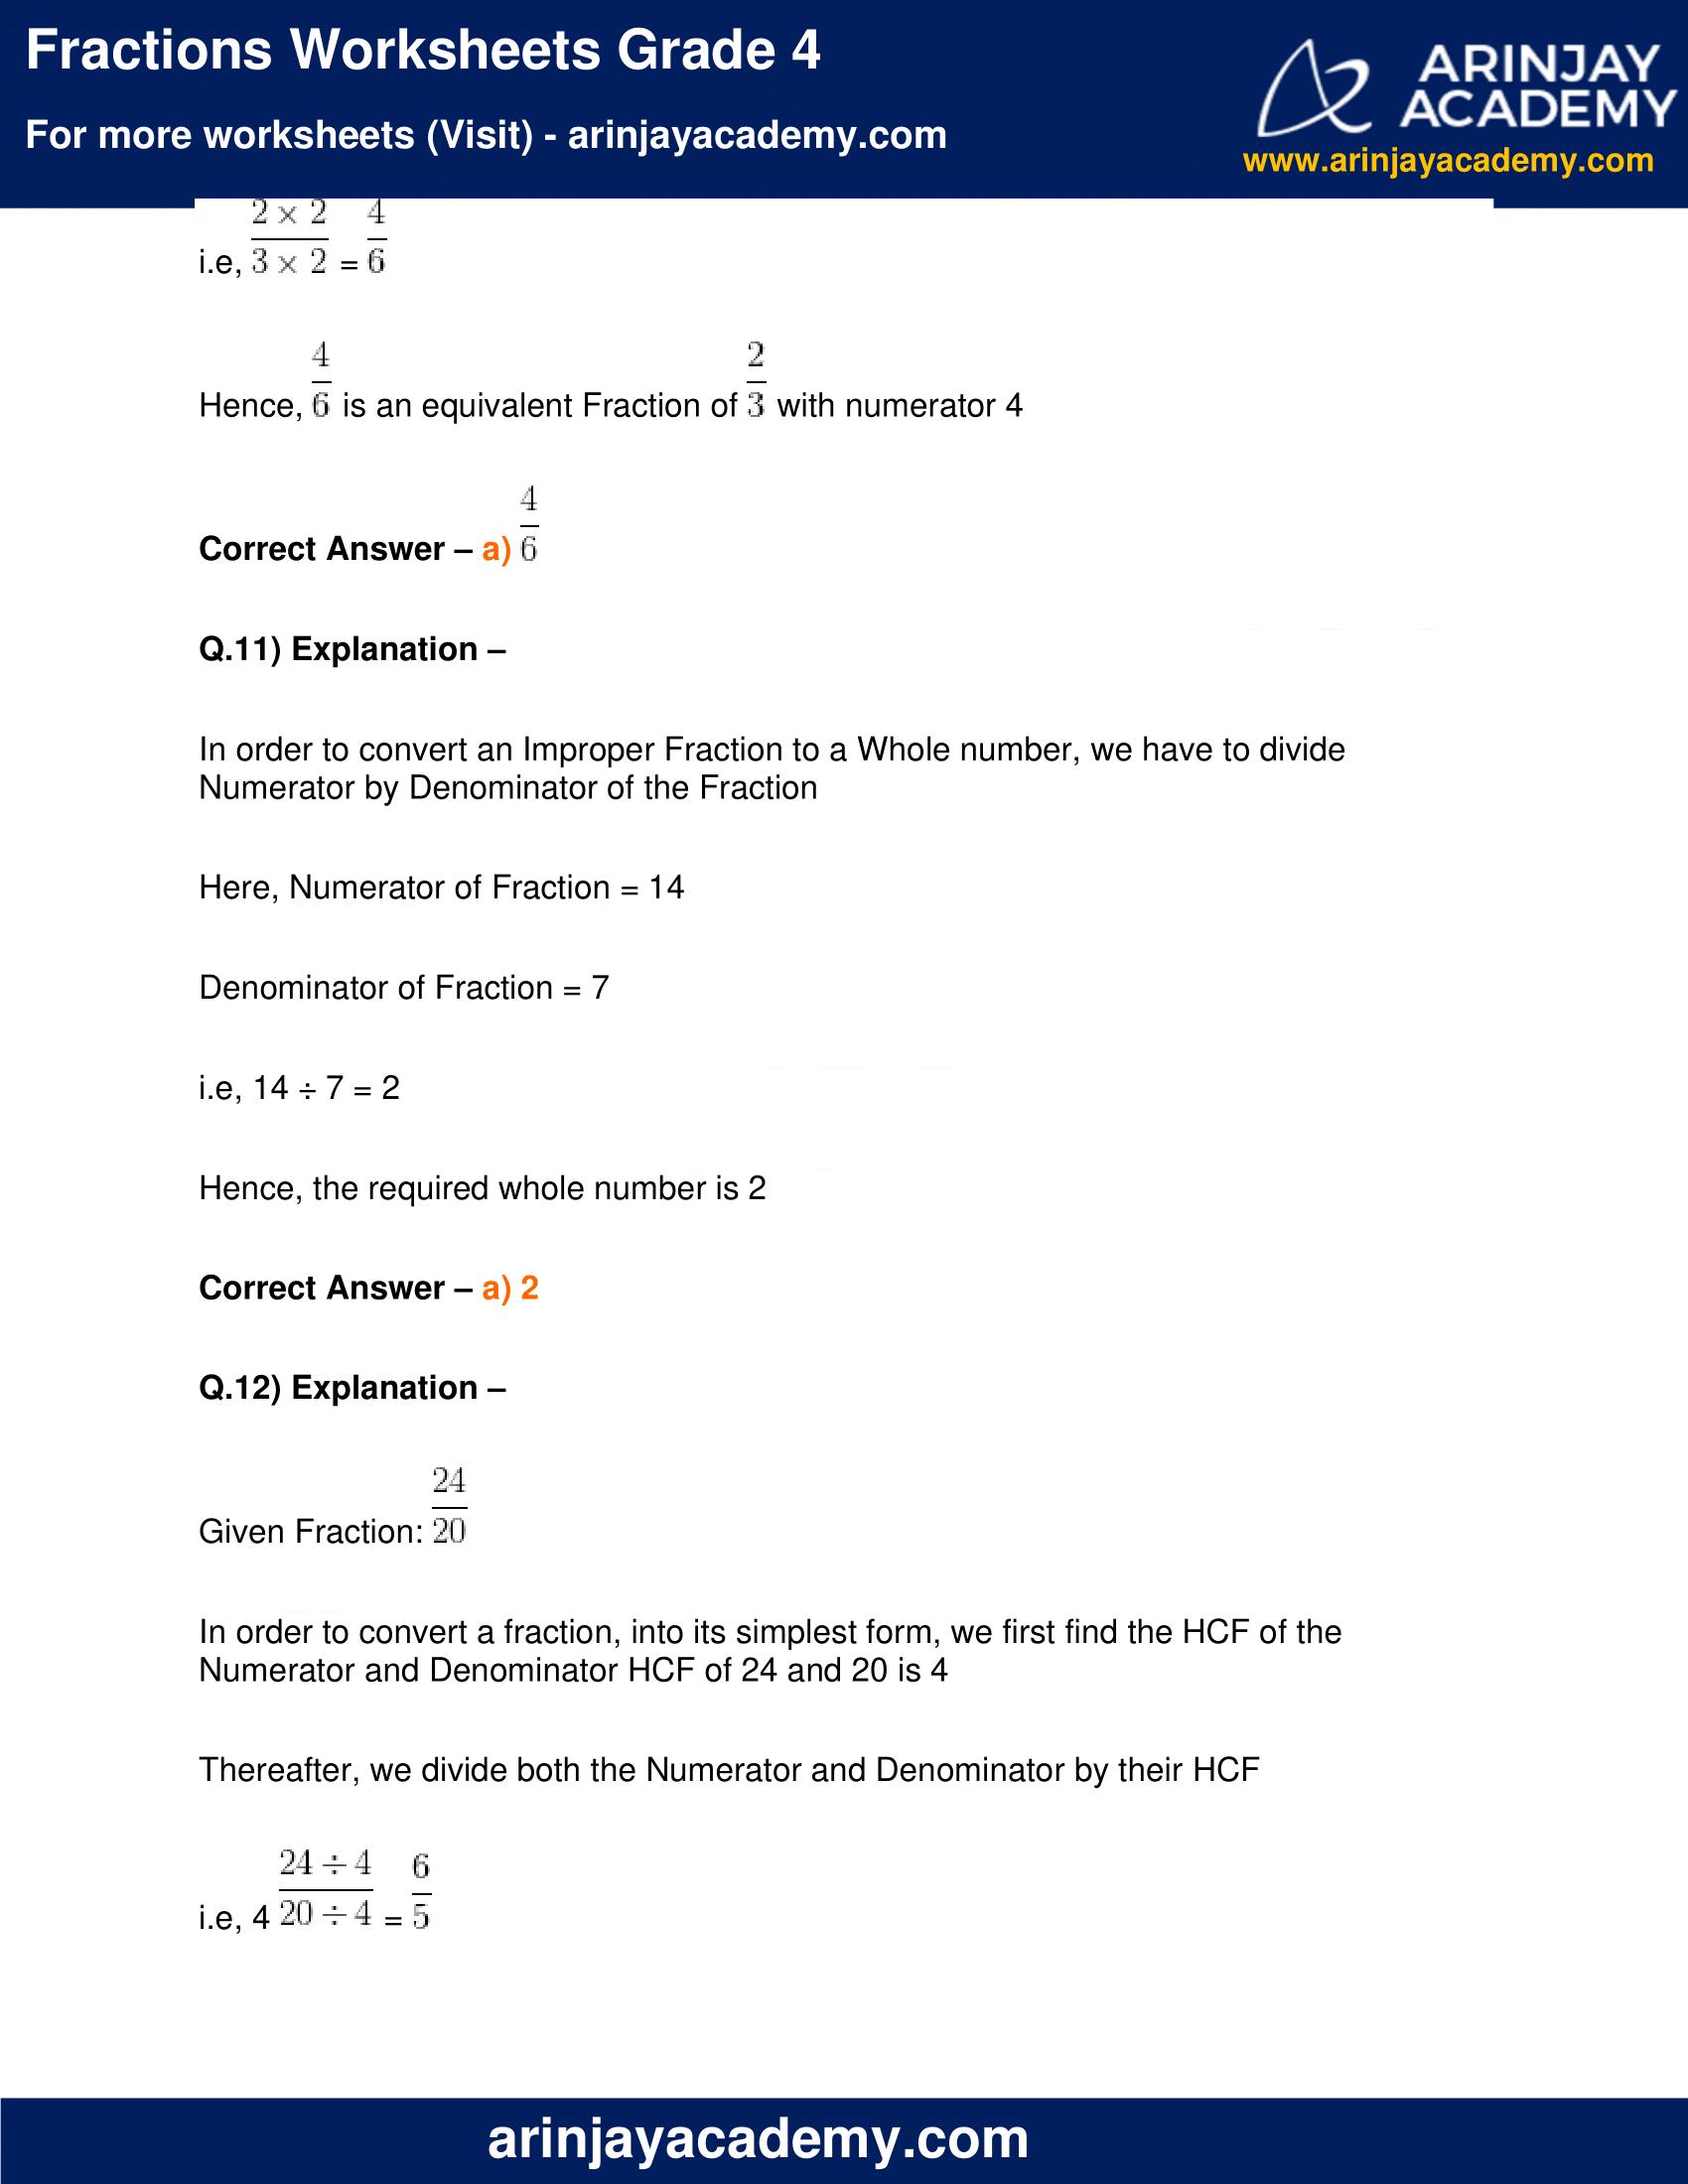 Fractions Worksheets Grade 4 image 11